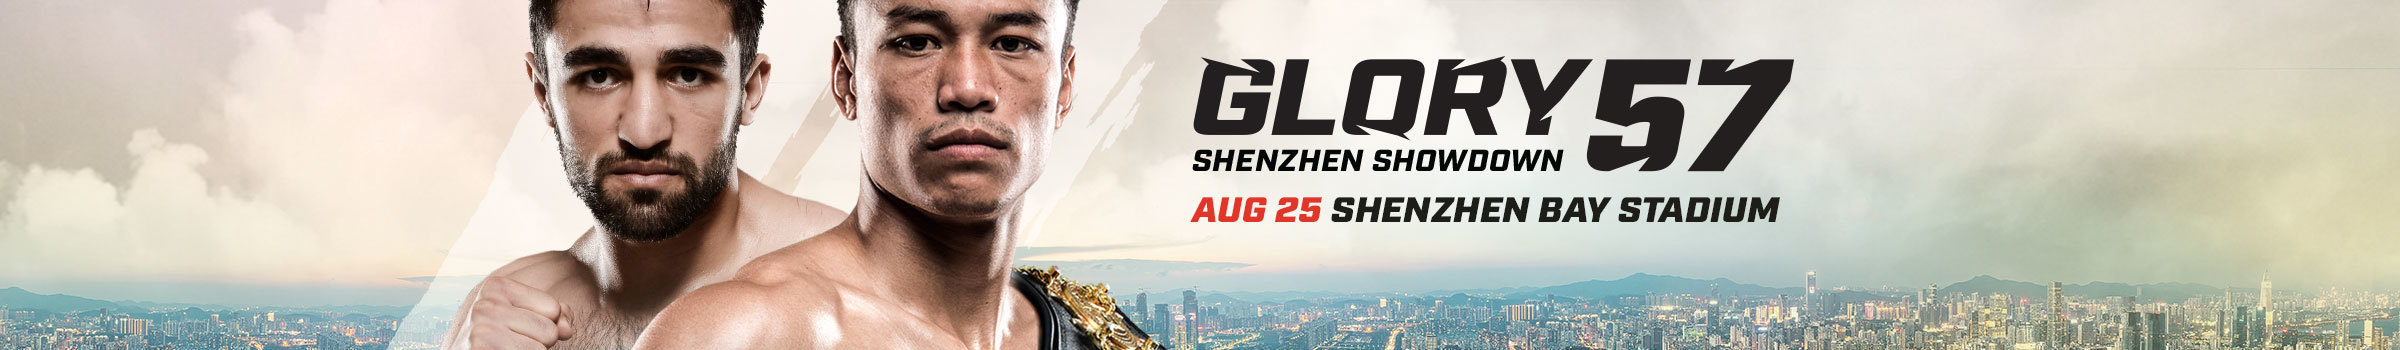 GLORY 57 Shenzhen